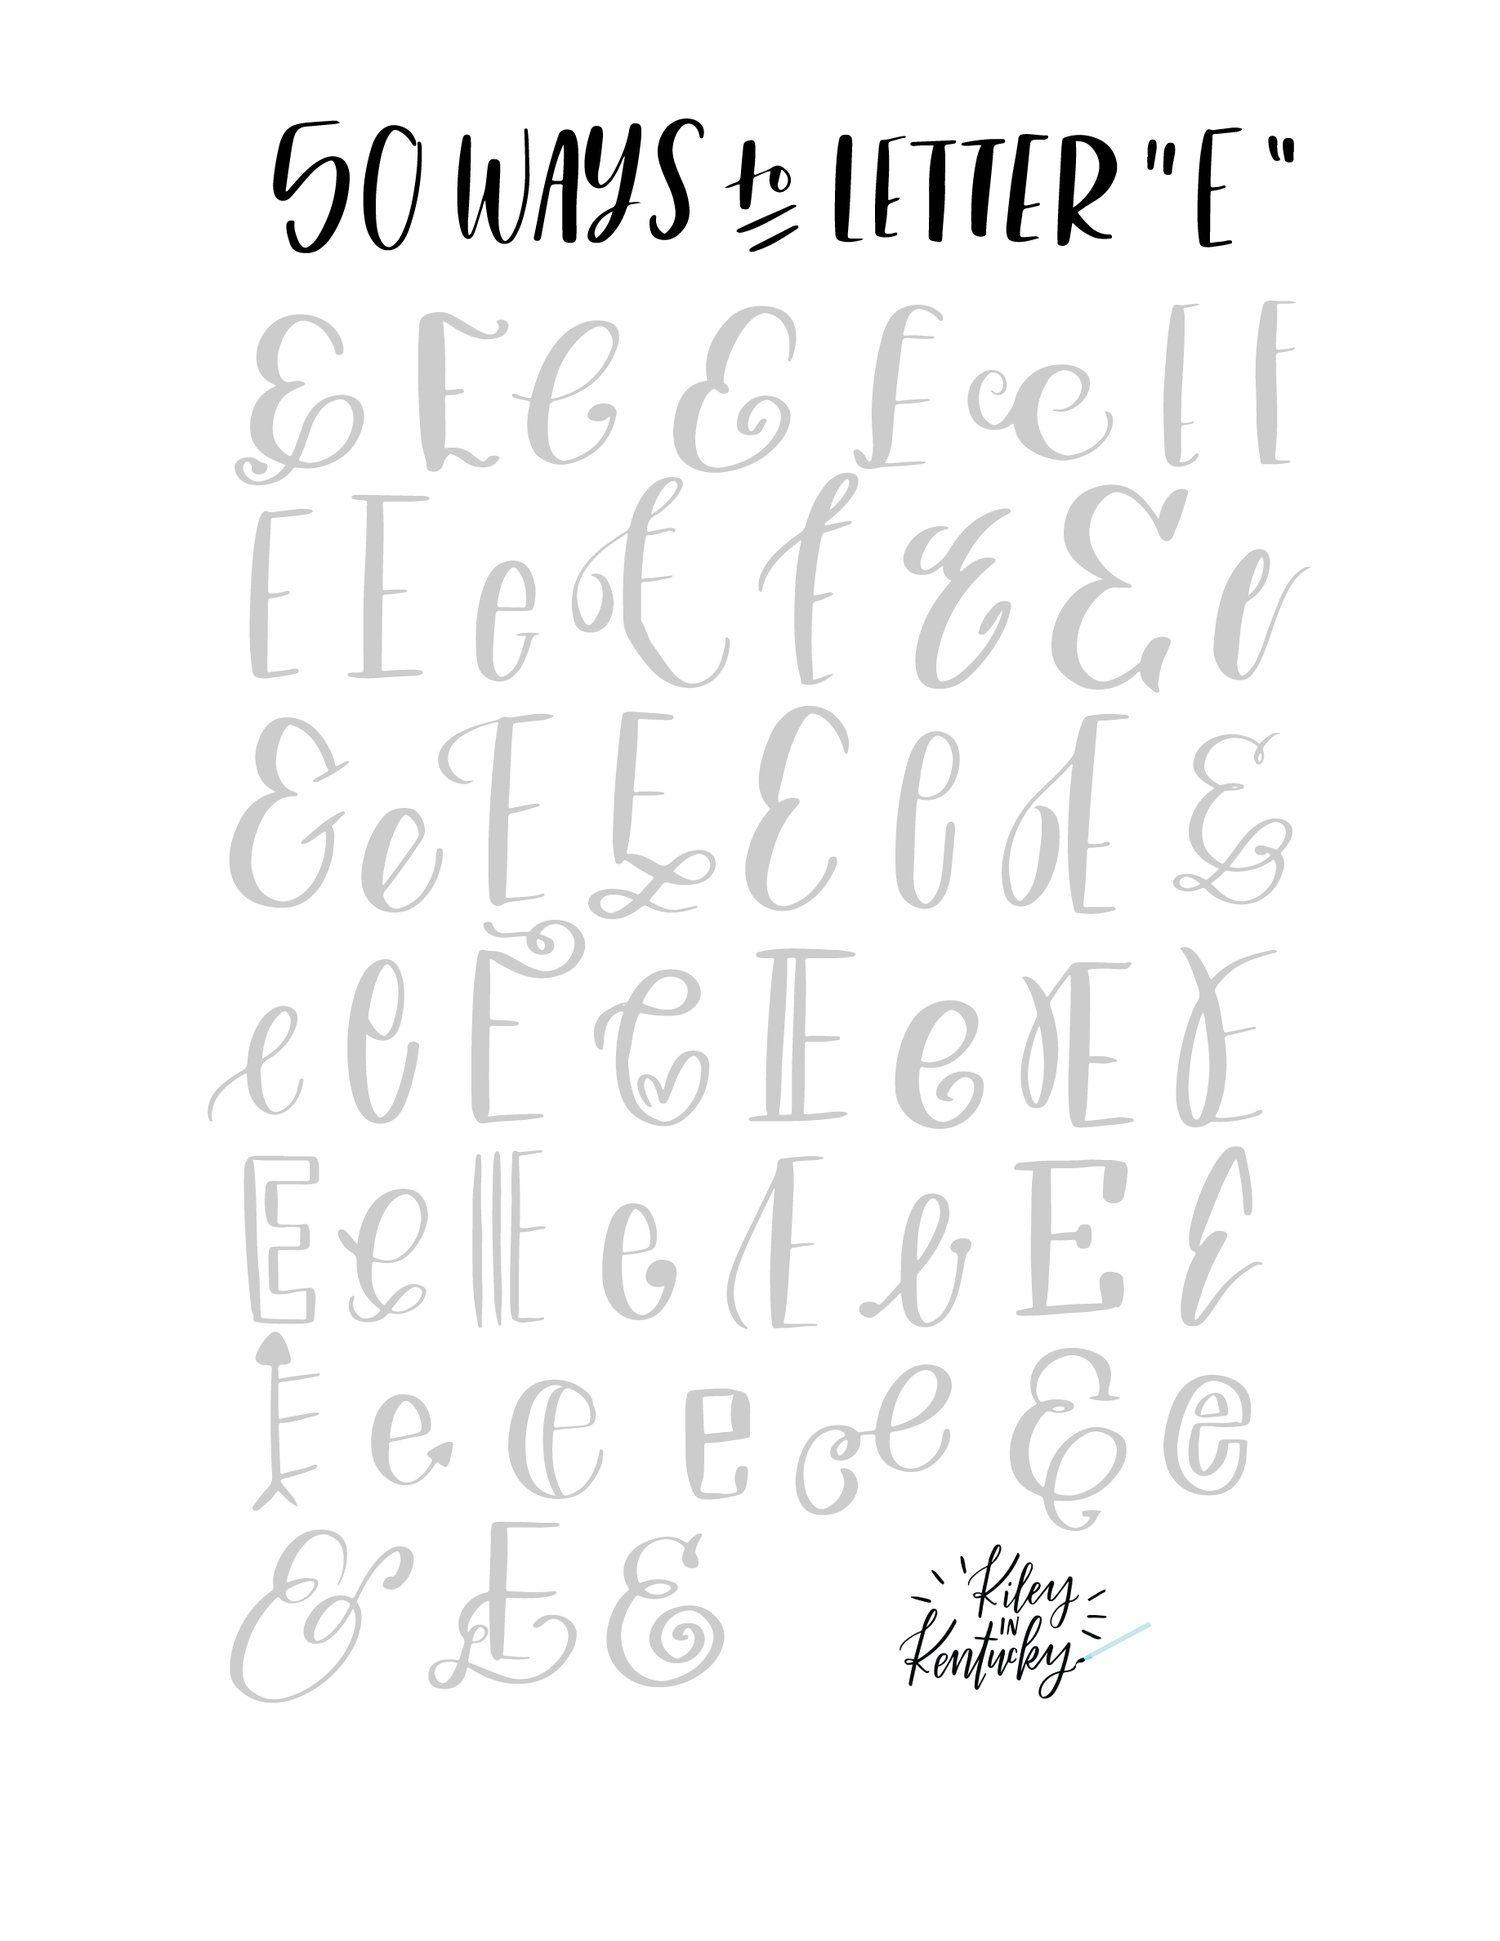 50 Ways to Draw An '